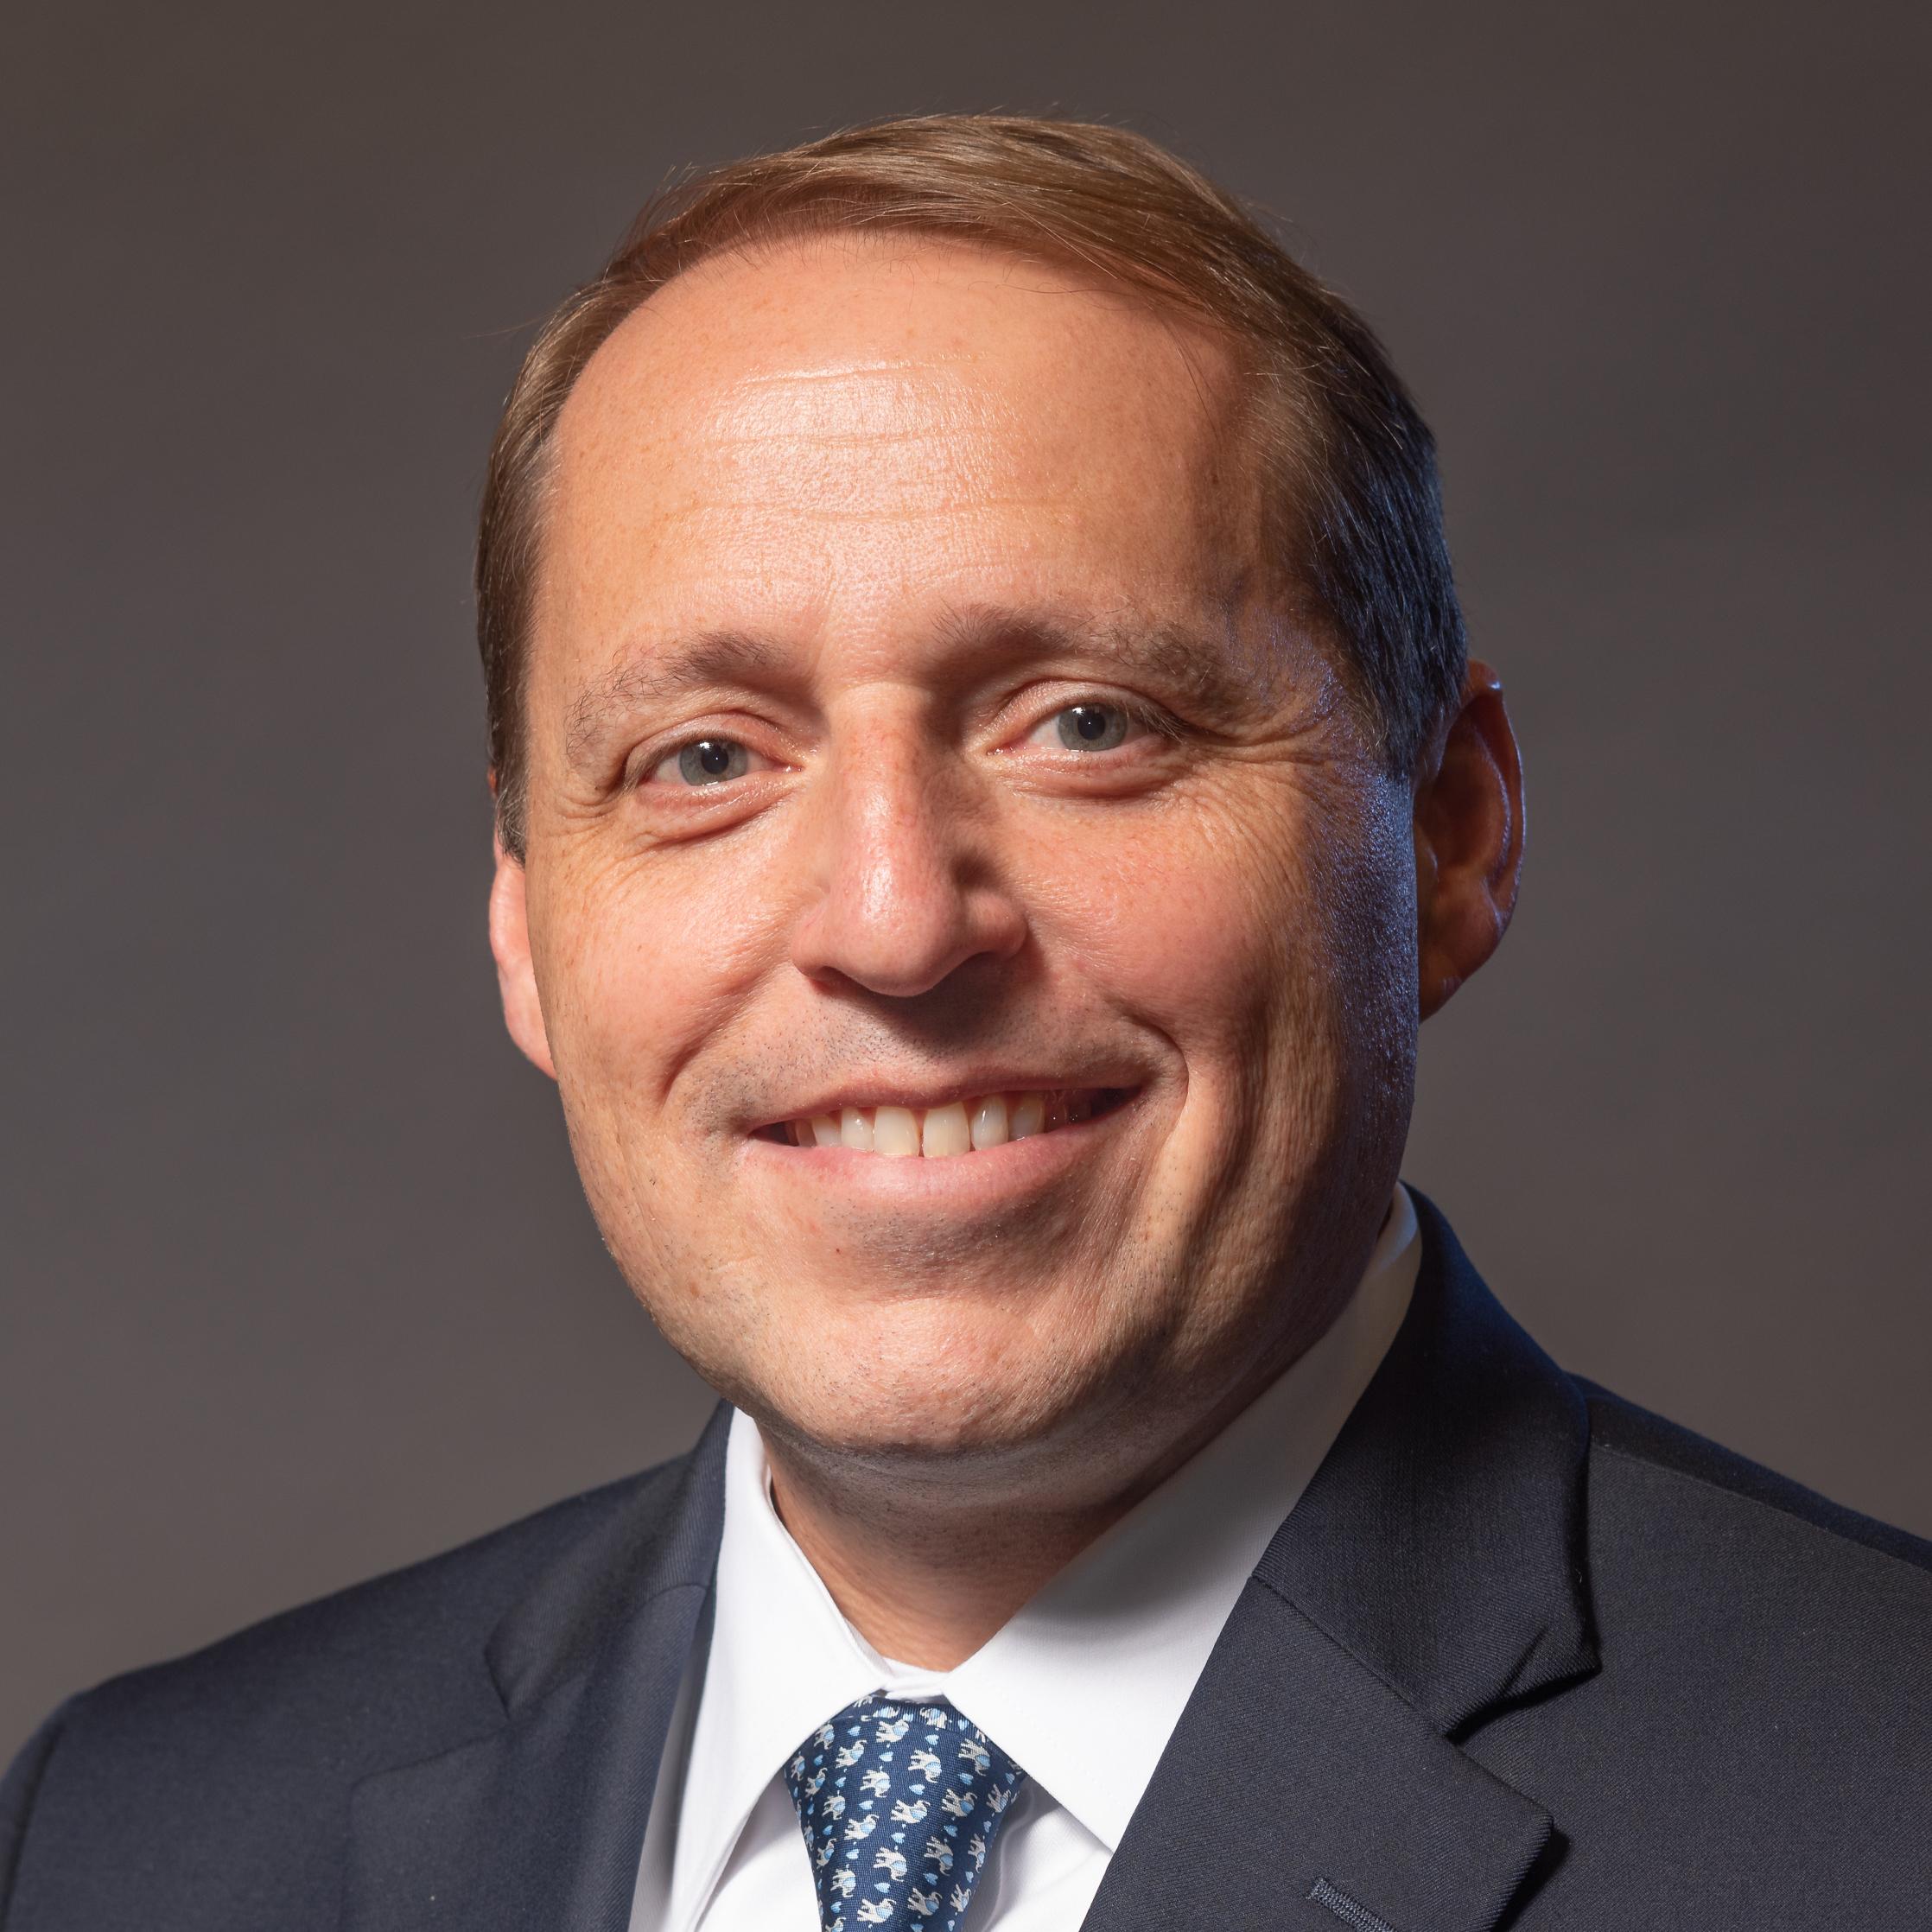 Profile photo of FrankAnstett